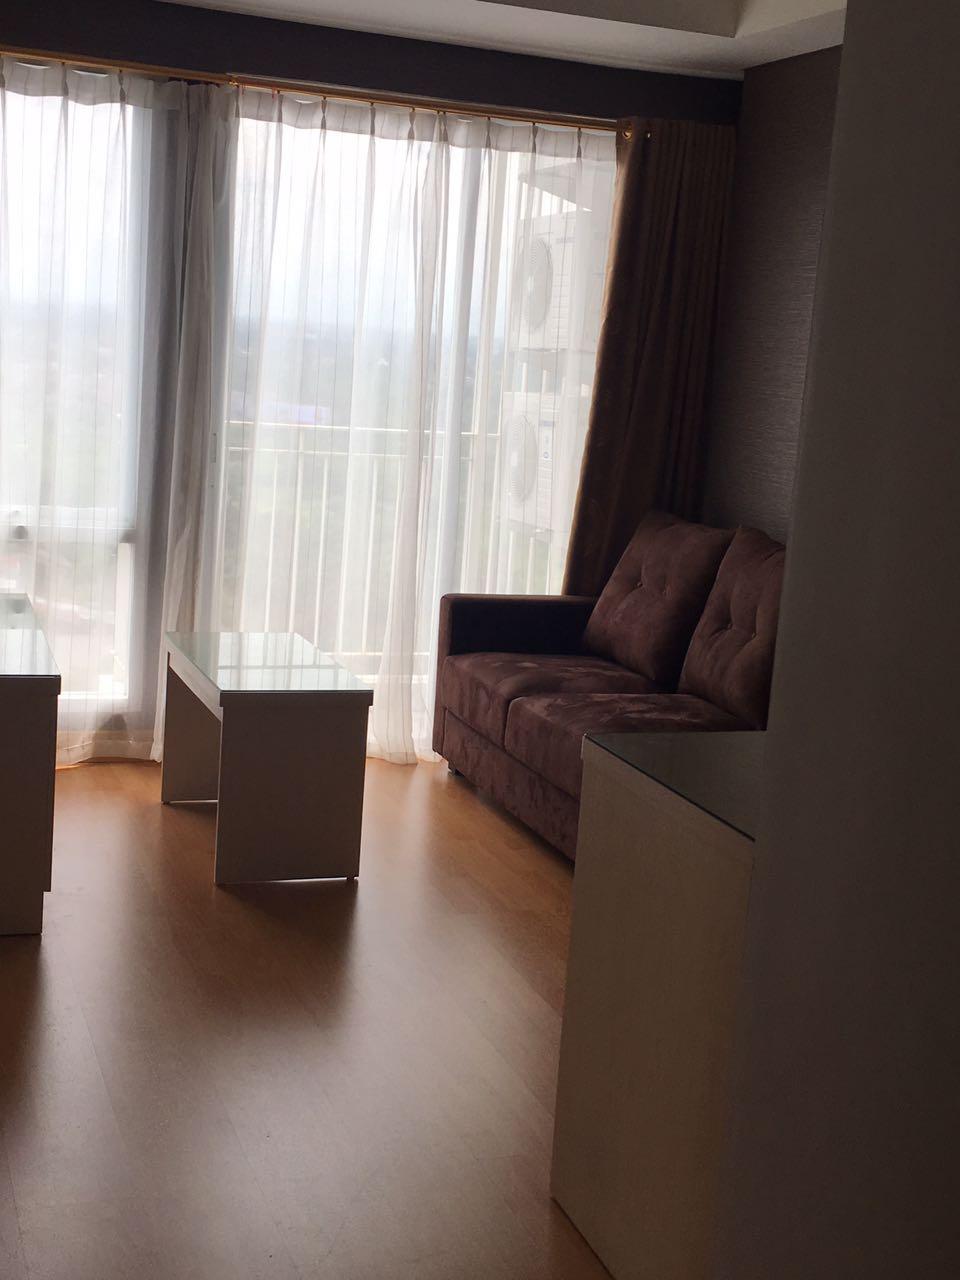 Disewakan Apartemen, nyaman, bagus, bersih, siap huni, Altiz Bintaro